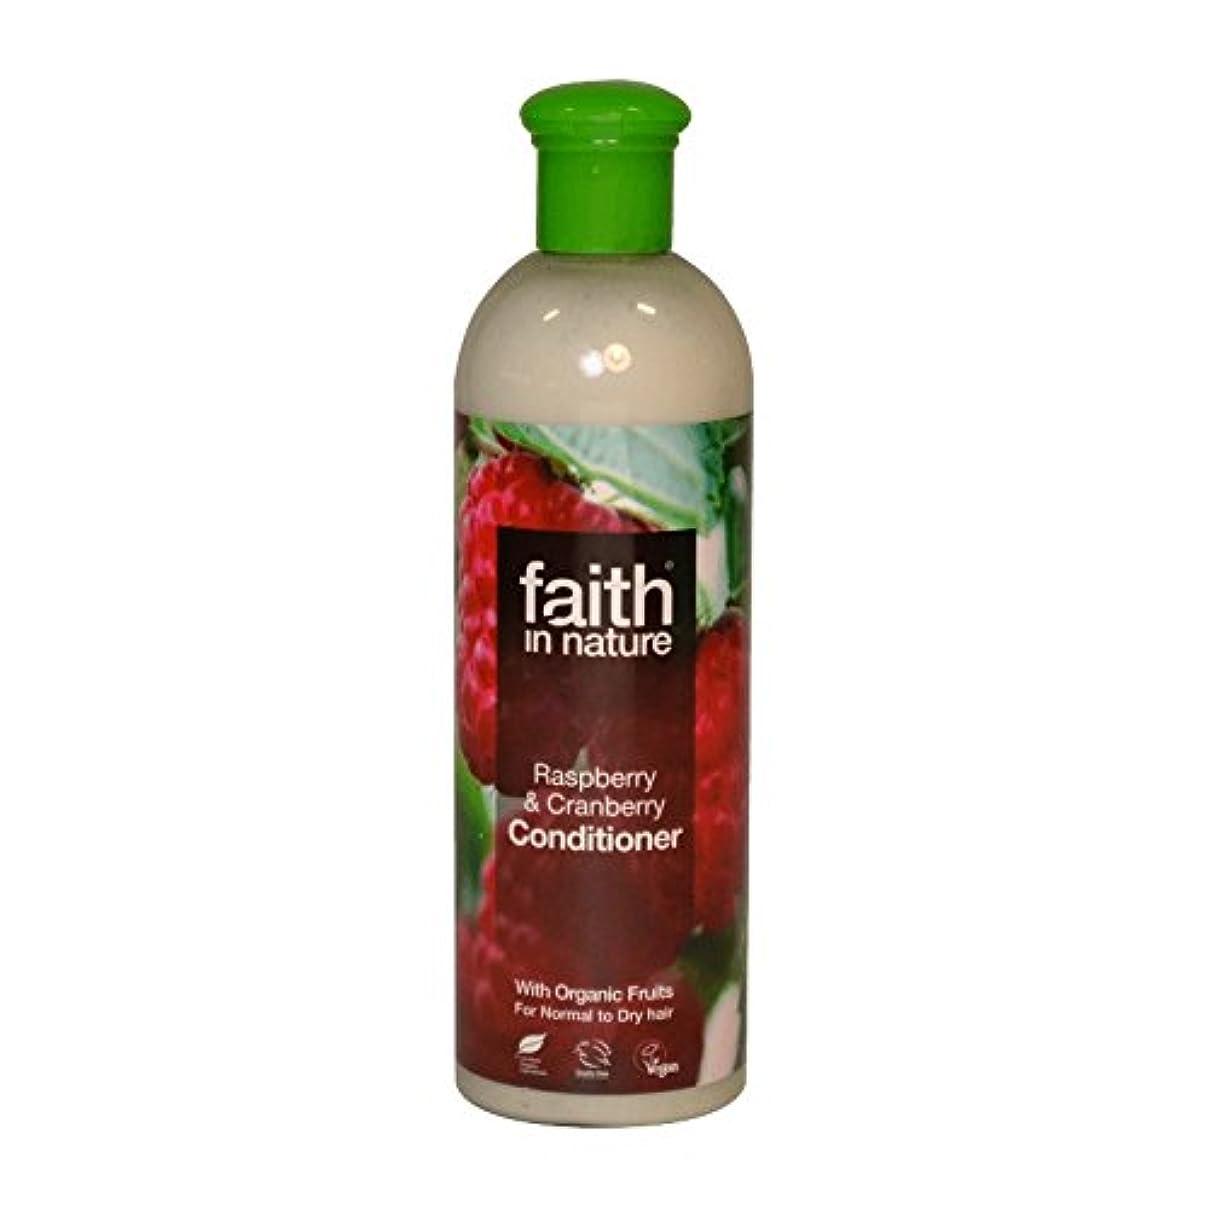 挽く三十許すFaith in Nature Raspberry & Cranberry Conditioner 400ml (Pack of 6) - 自然ラズベリー&クランベリーコンディショナー400ミリリットルの信仰 (x6)...